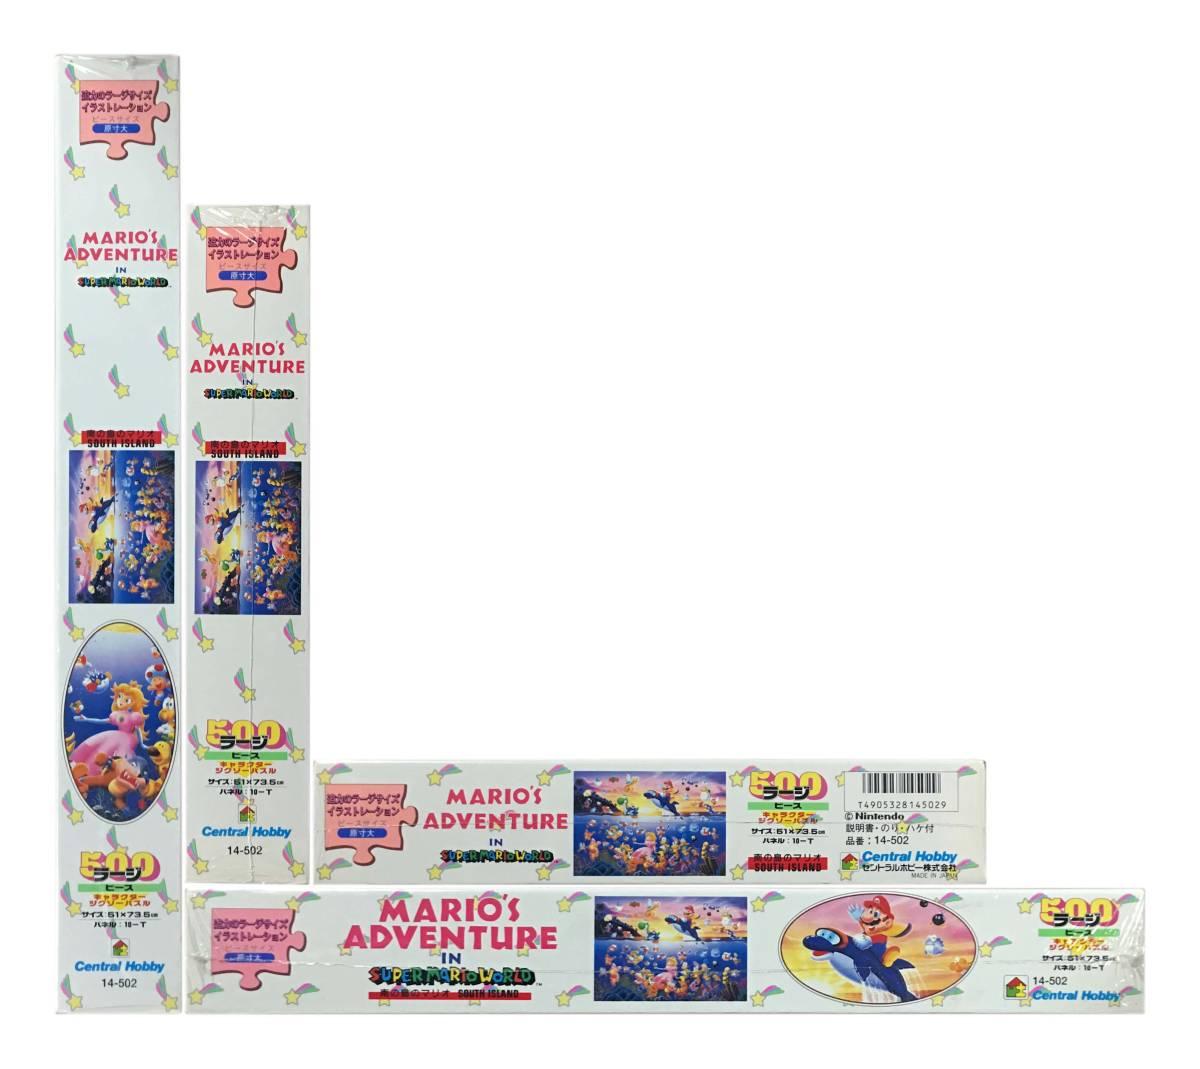 ■新古品・未開封■セントラルホビー■スーパーマリオワールド「南の島のマリオ」■500L PIECES■51cm×73.5cm■NO.14-502■任天堂_画像2